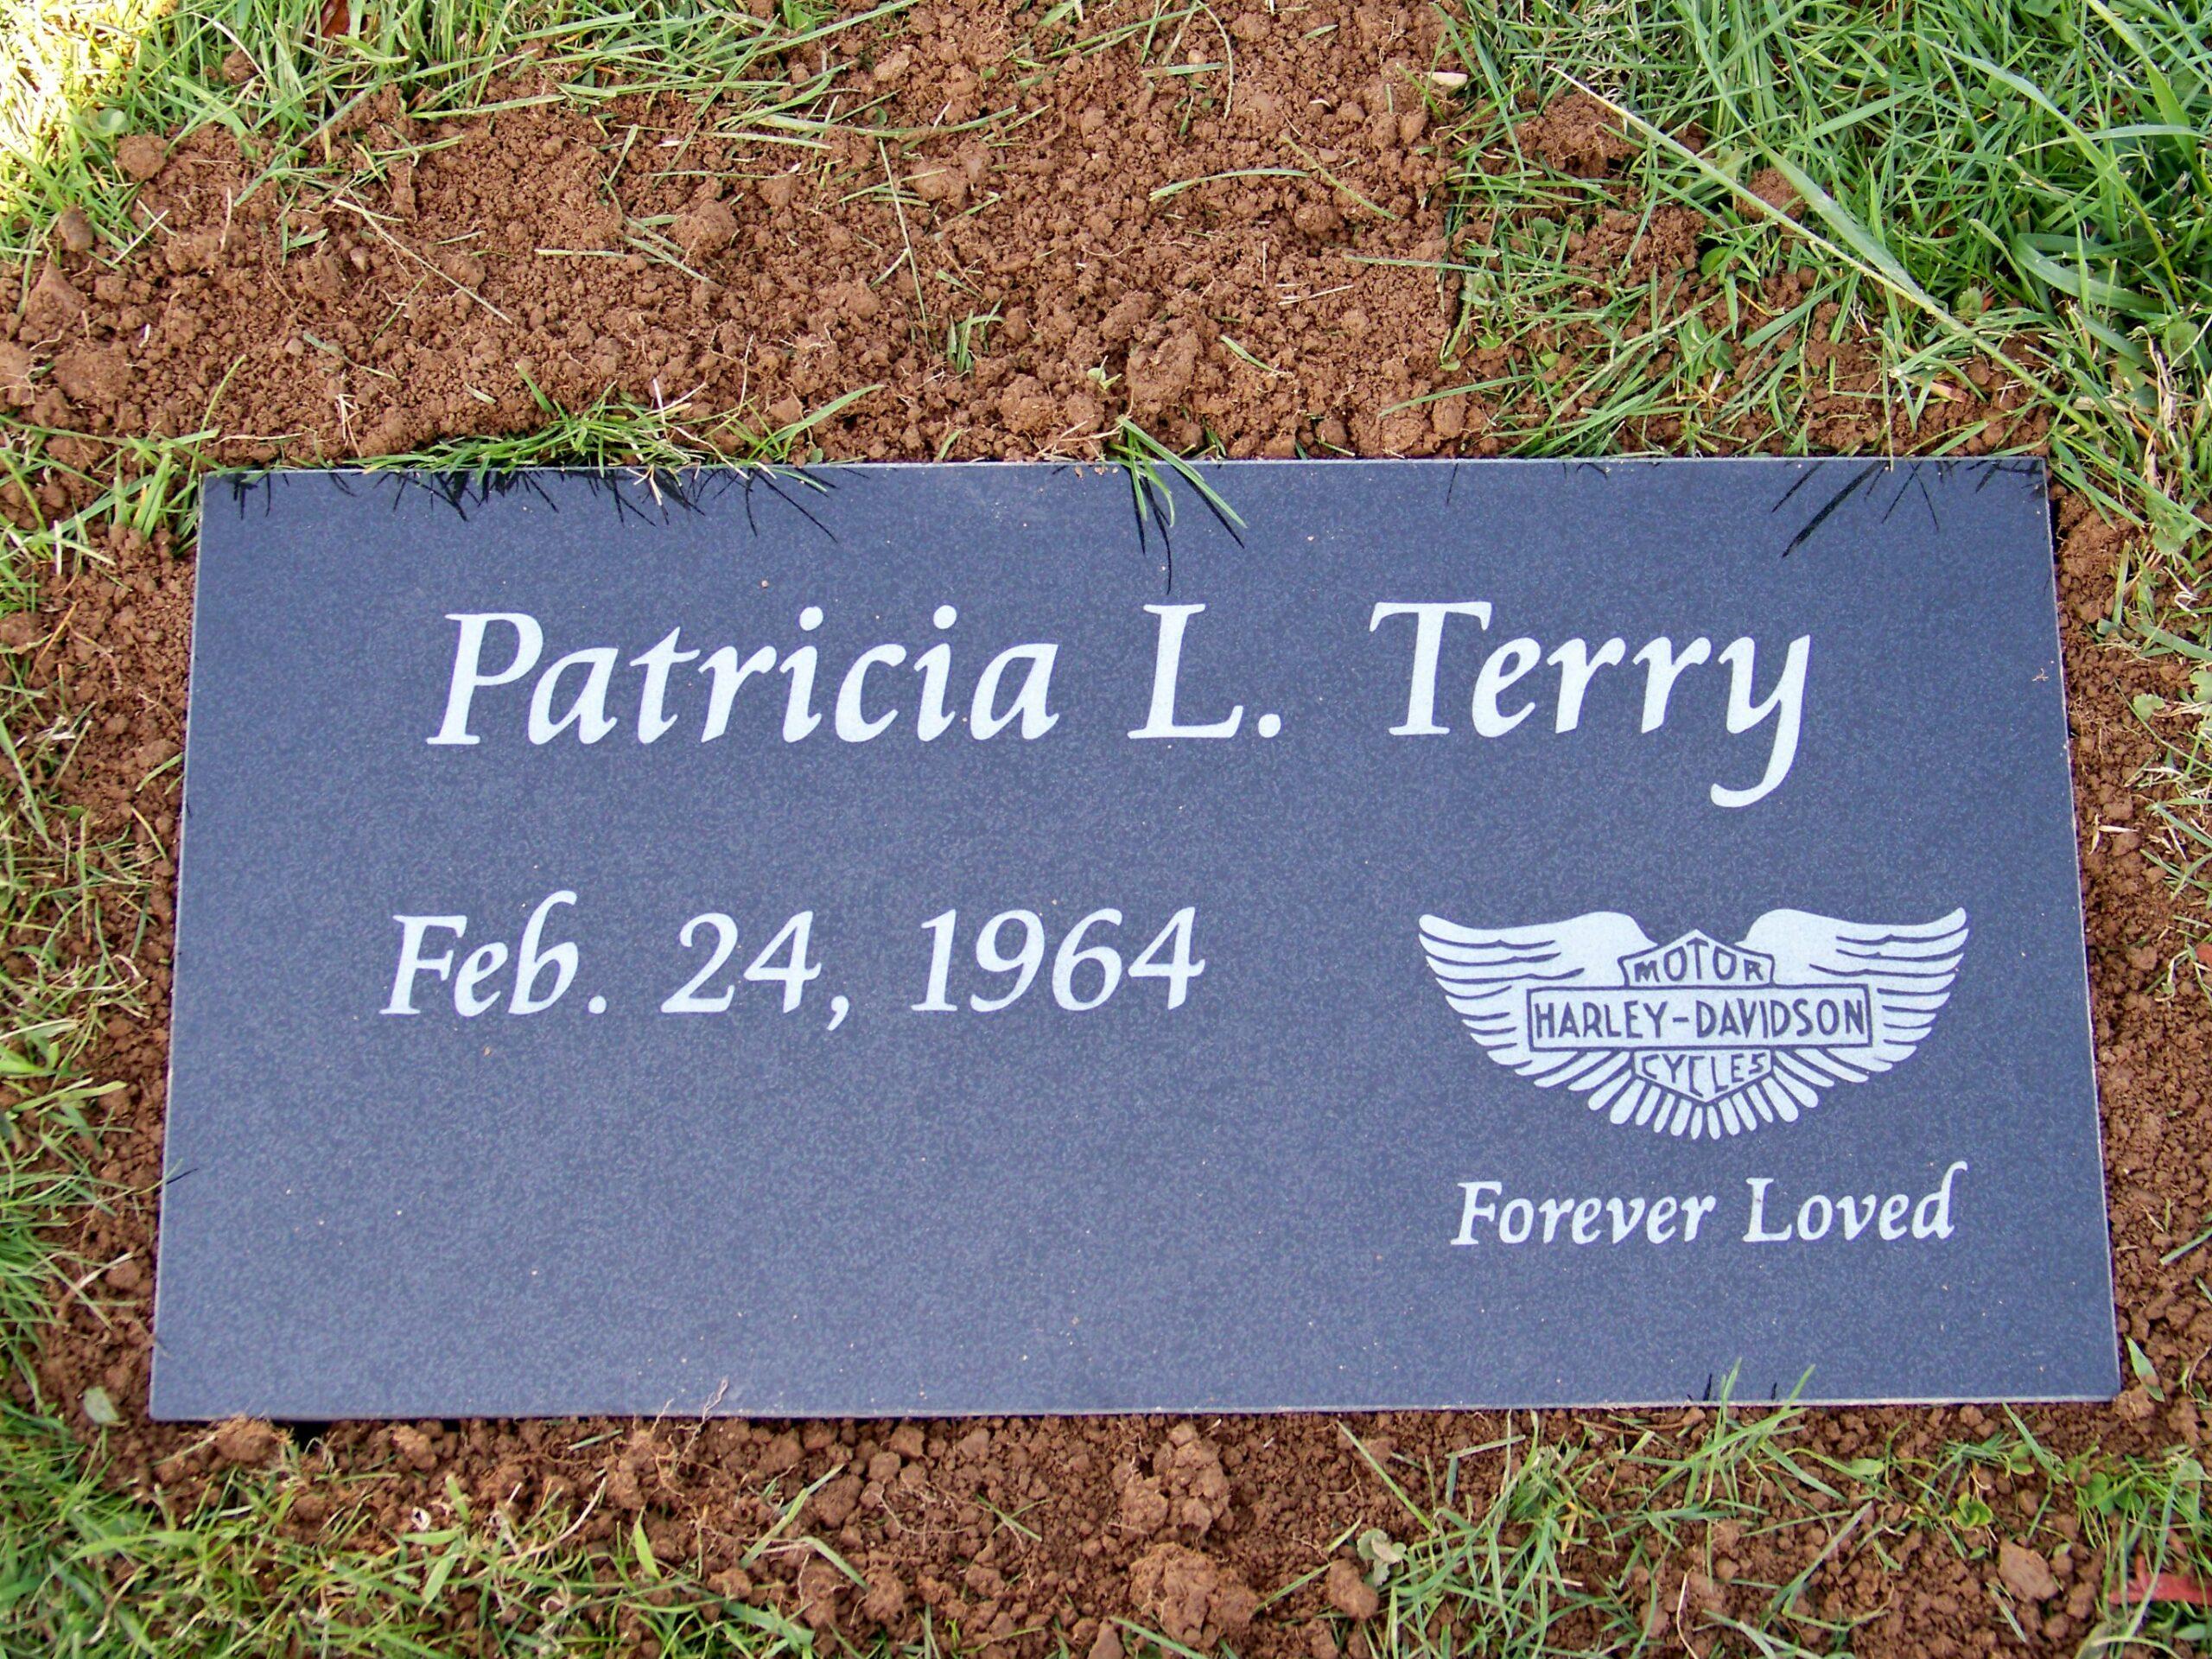 Terry, Patricia L.